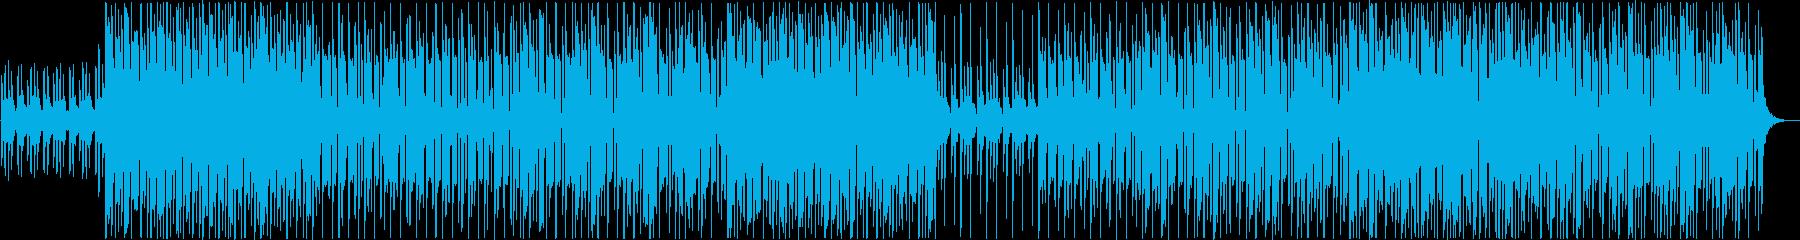 ハロウィン怪しげなロックテイストポップの再生済みの波形